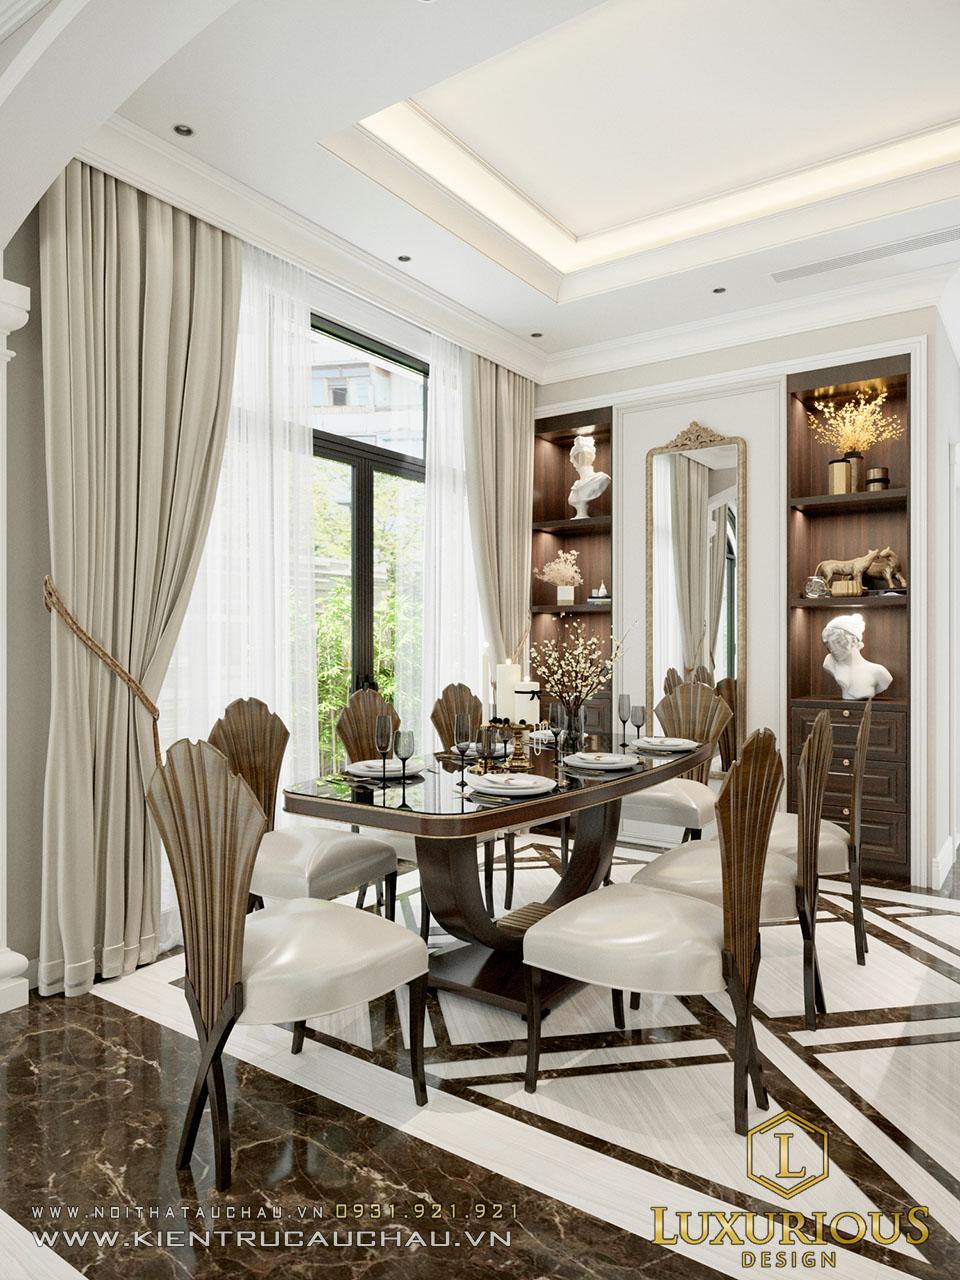 Mẫu thiết kế nội thất phòng bếp biệt thự Vinhomes Ocean Park